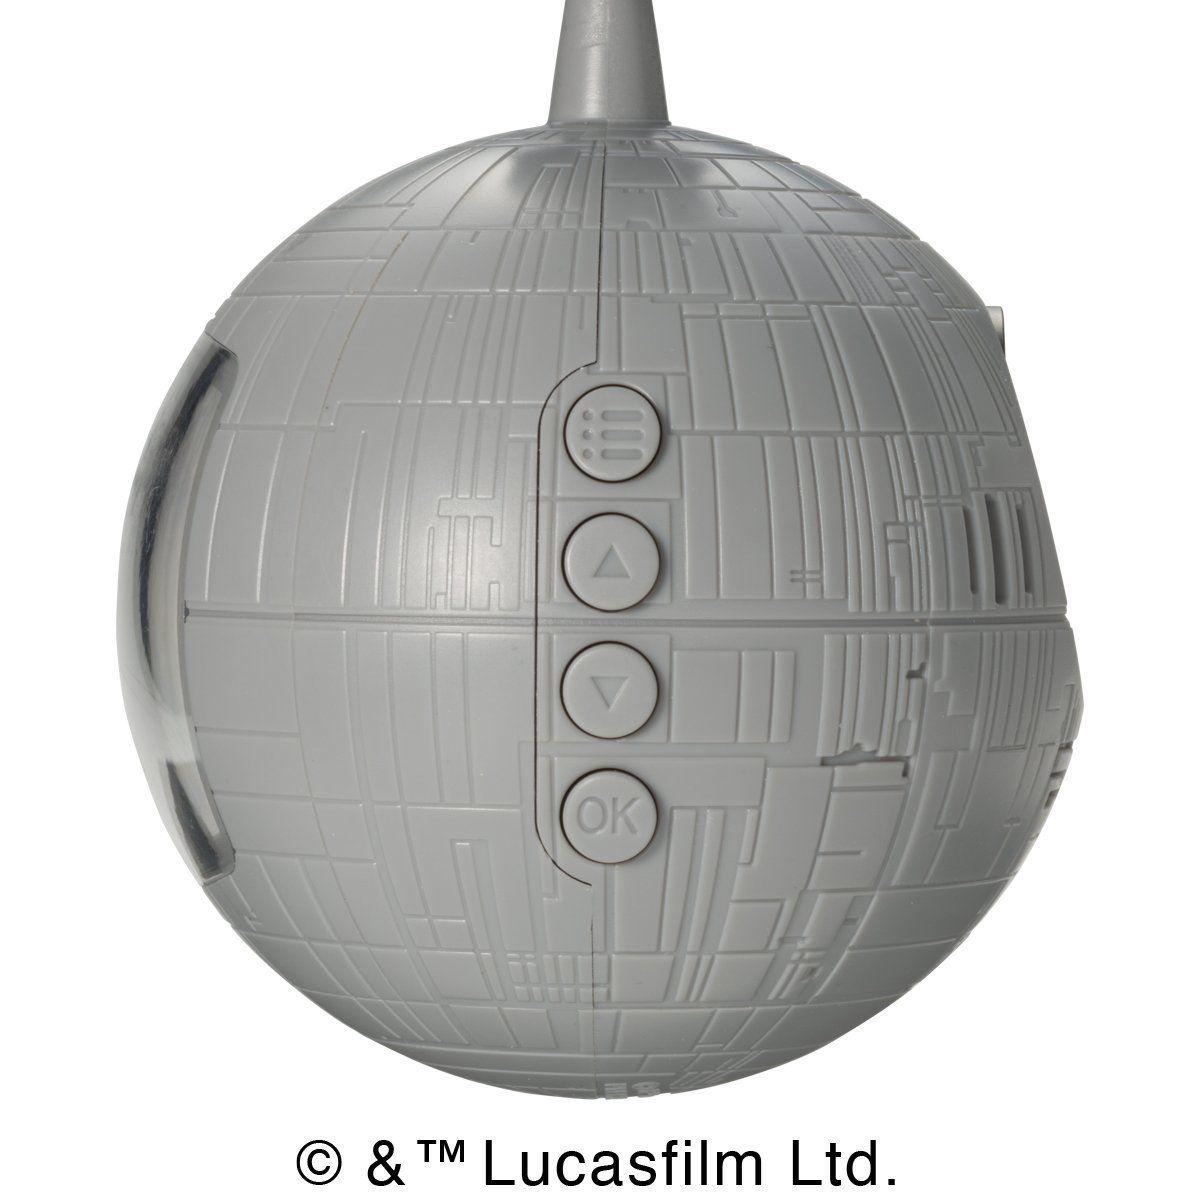 【限定販売】スター・ウォーズ『スターウォーズ ドライブレコーダー SW-MS01』カー用品-004